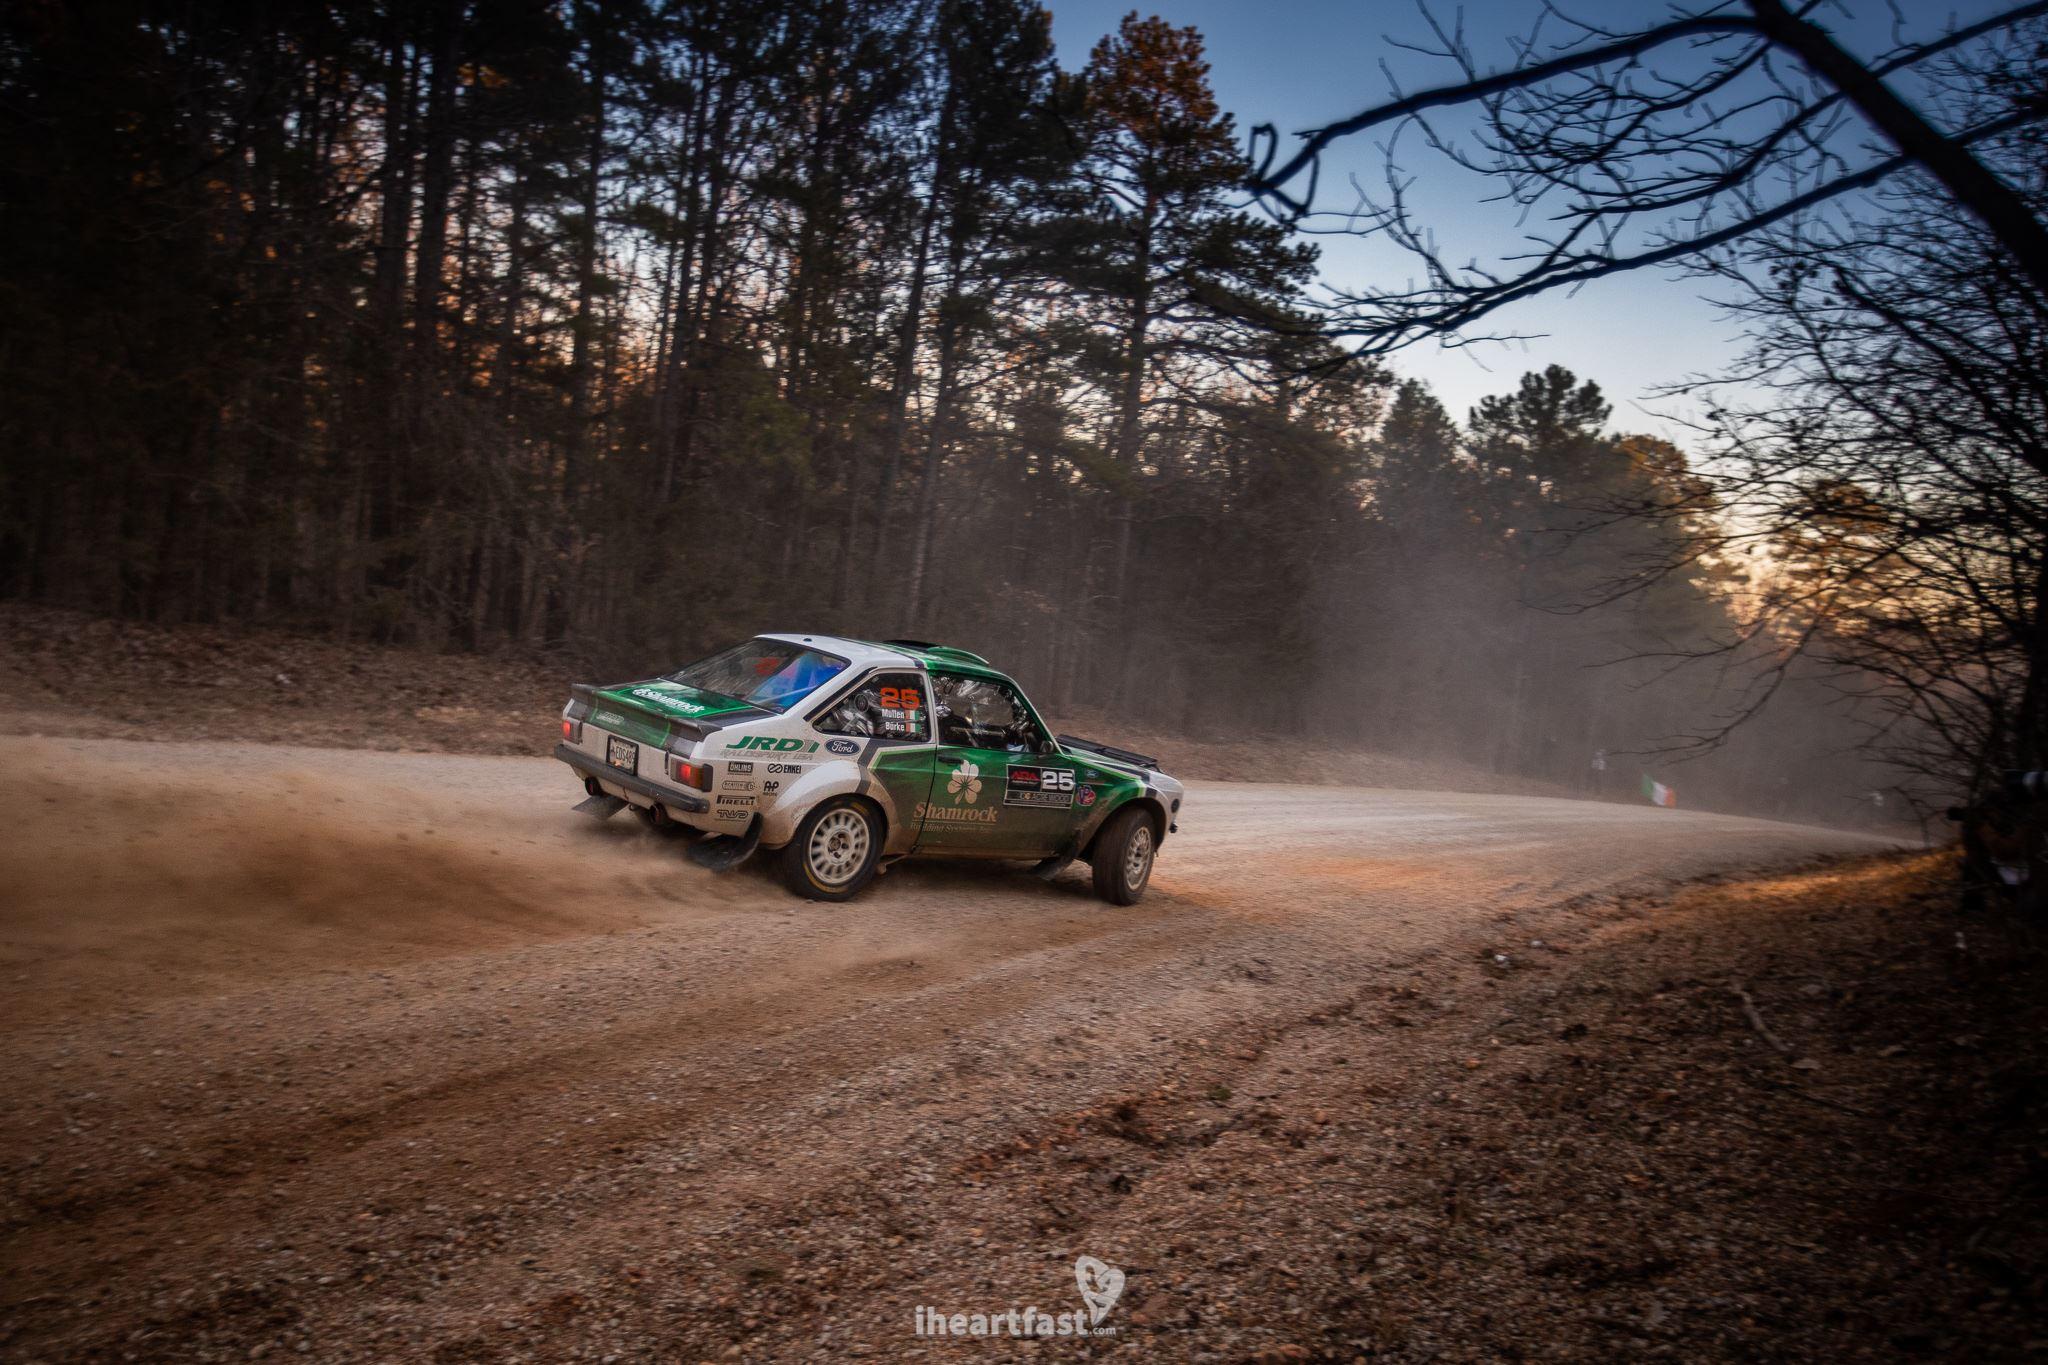 JRD Rallysport MK2 Escort